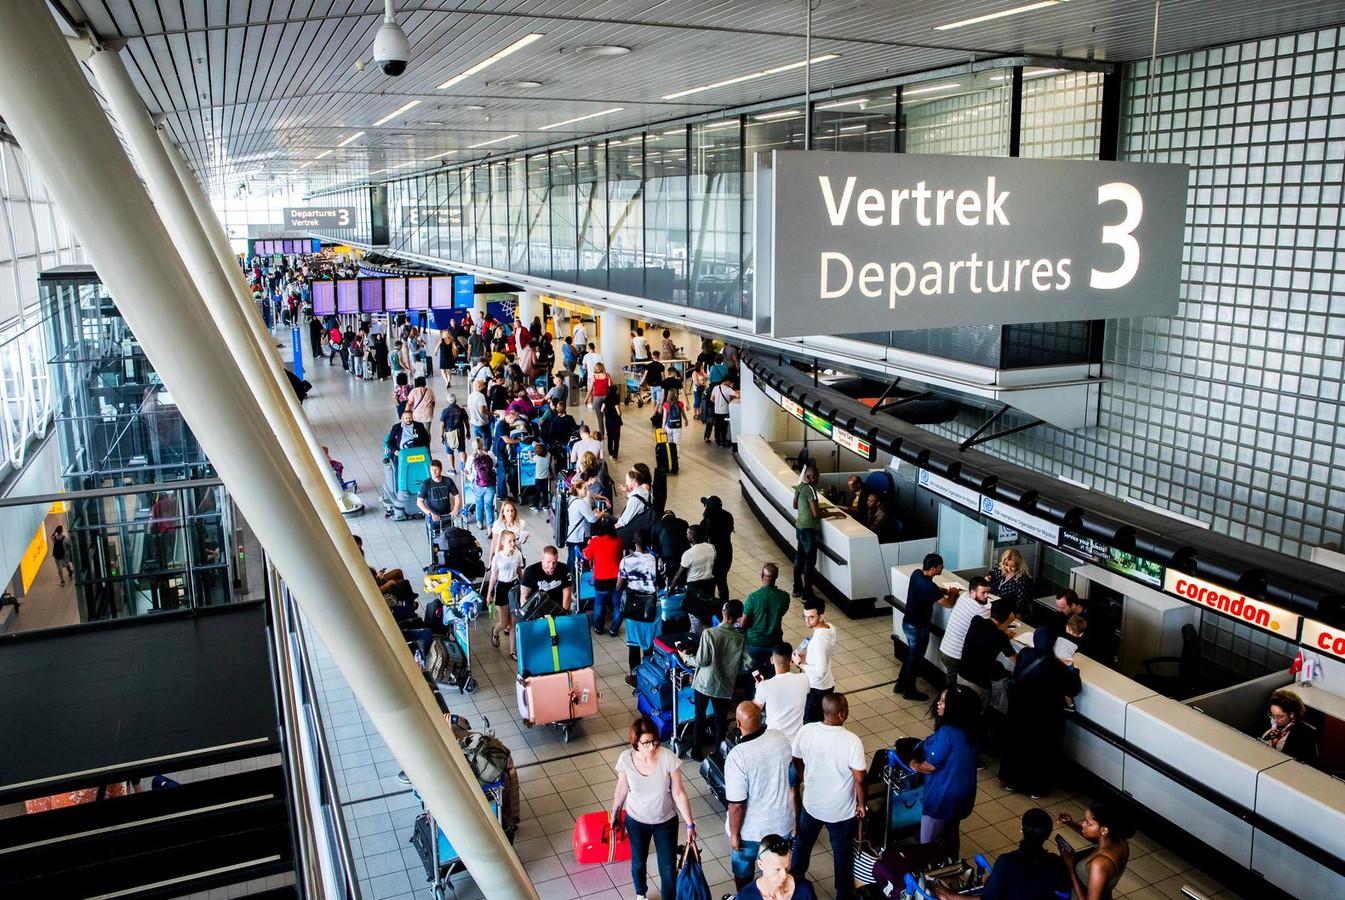 Reizigers in de vertrekhal op Schiphol.